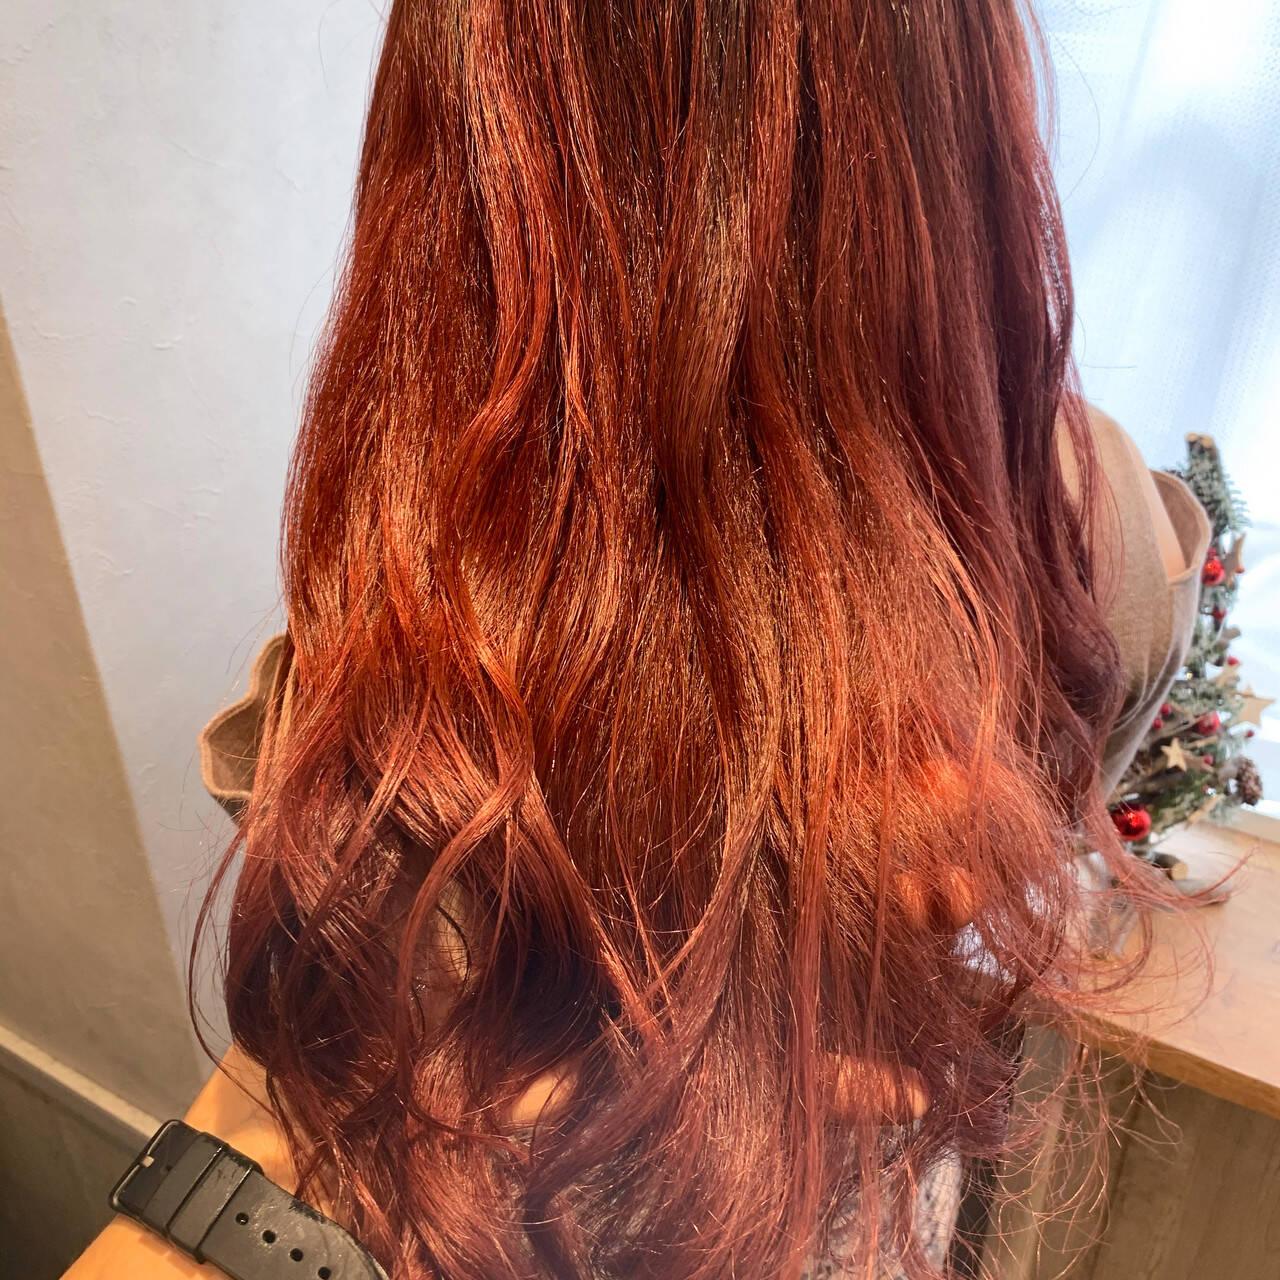 ナチュラル ロング ローズ チェリーレッドヘアスタイルや髪型の写真・画像